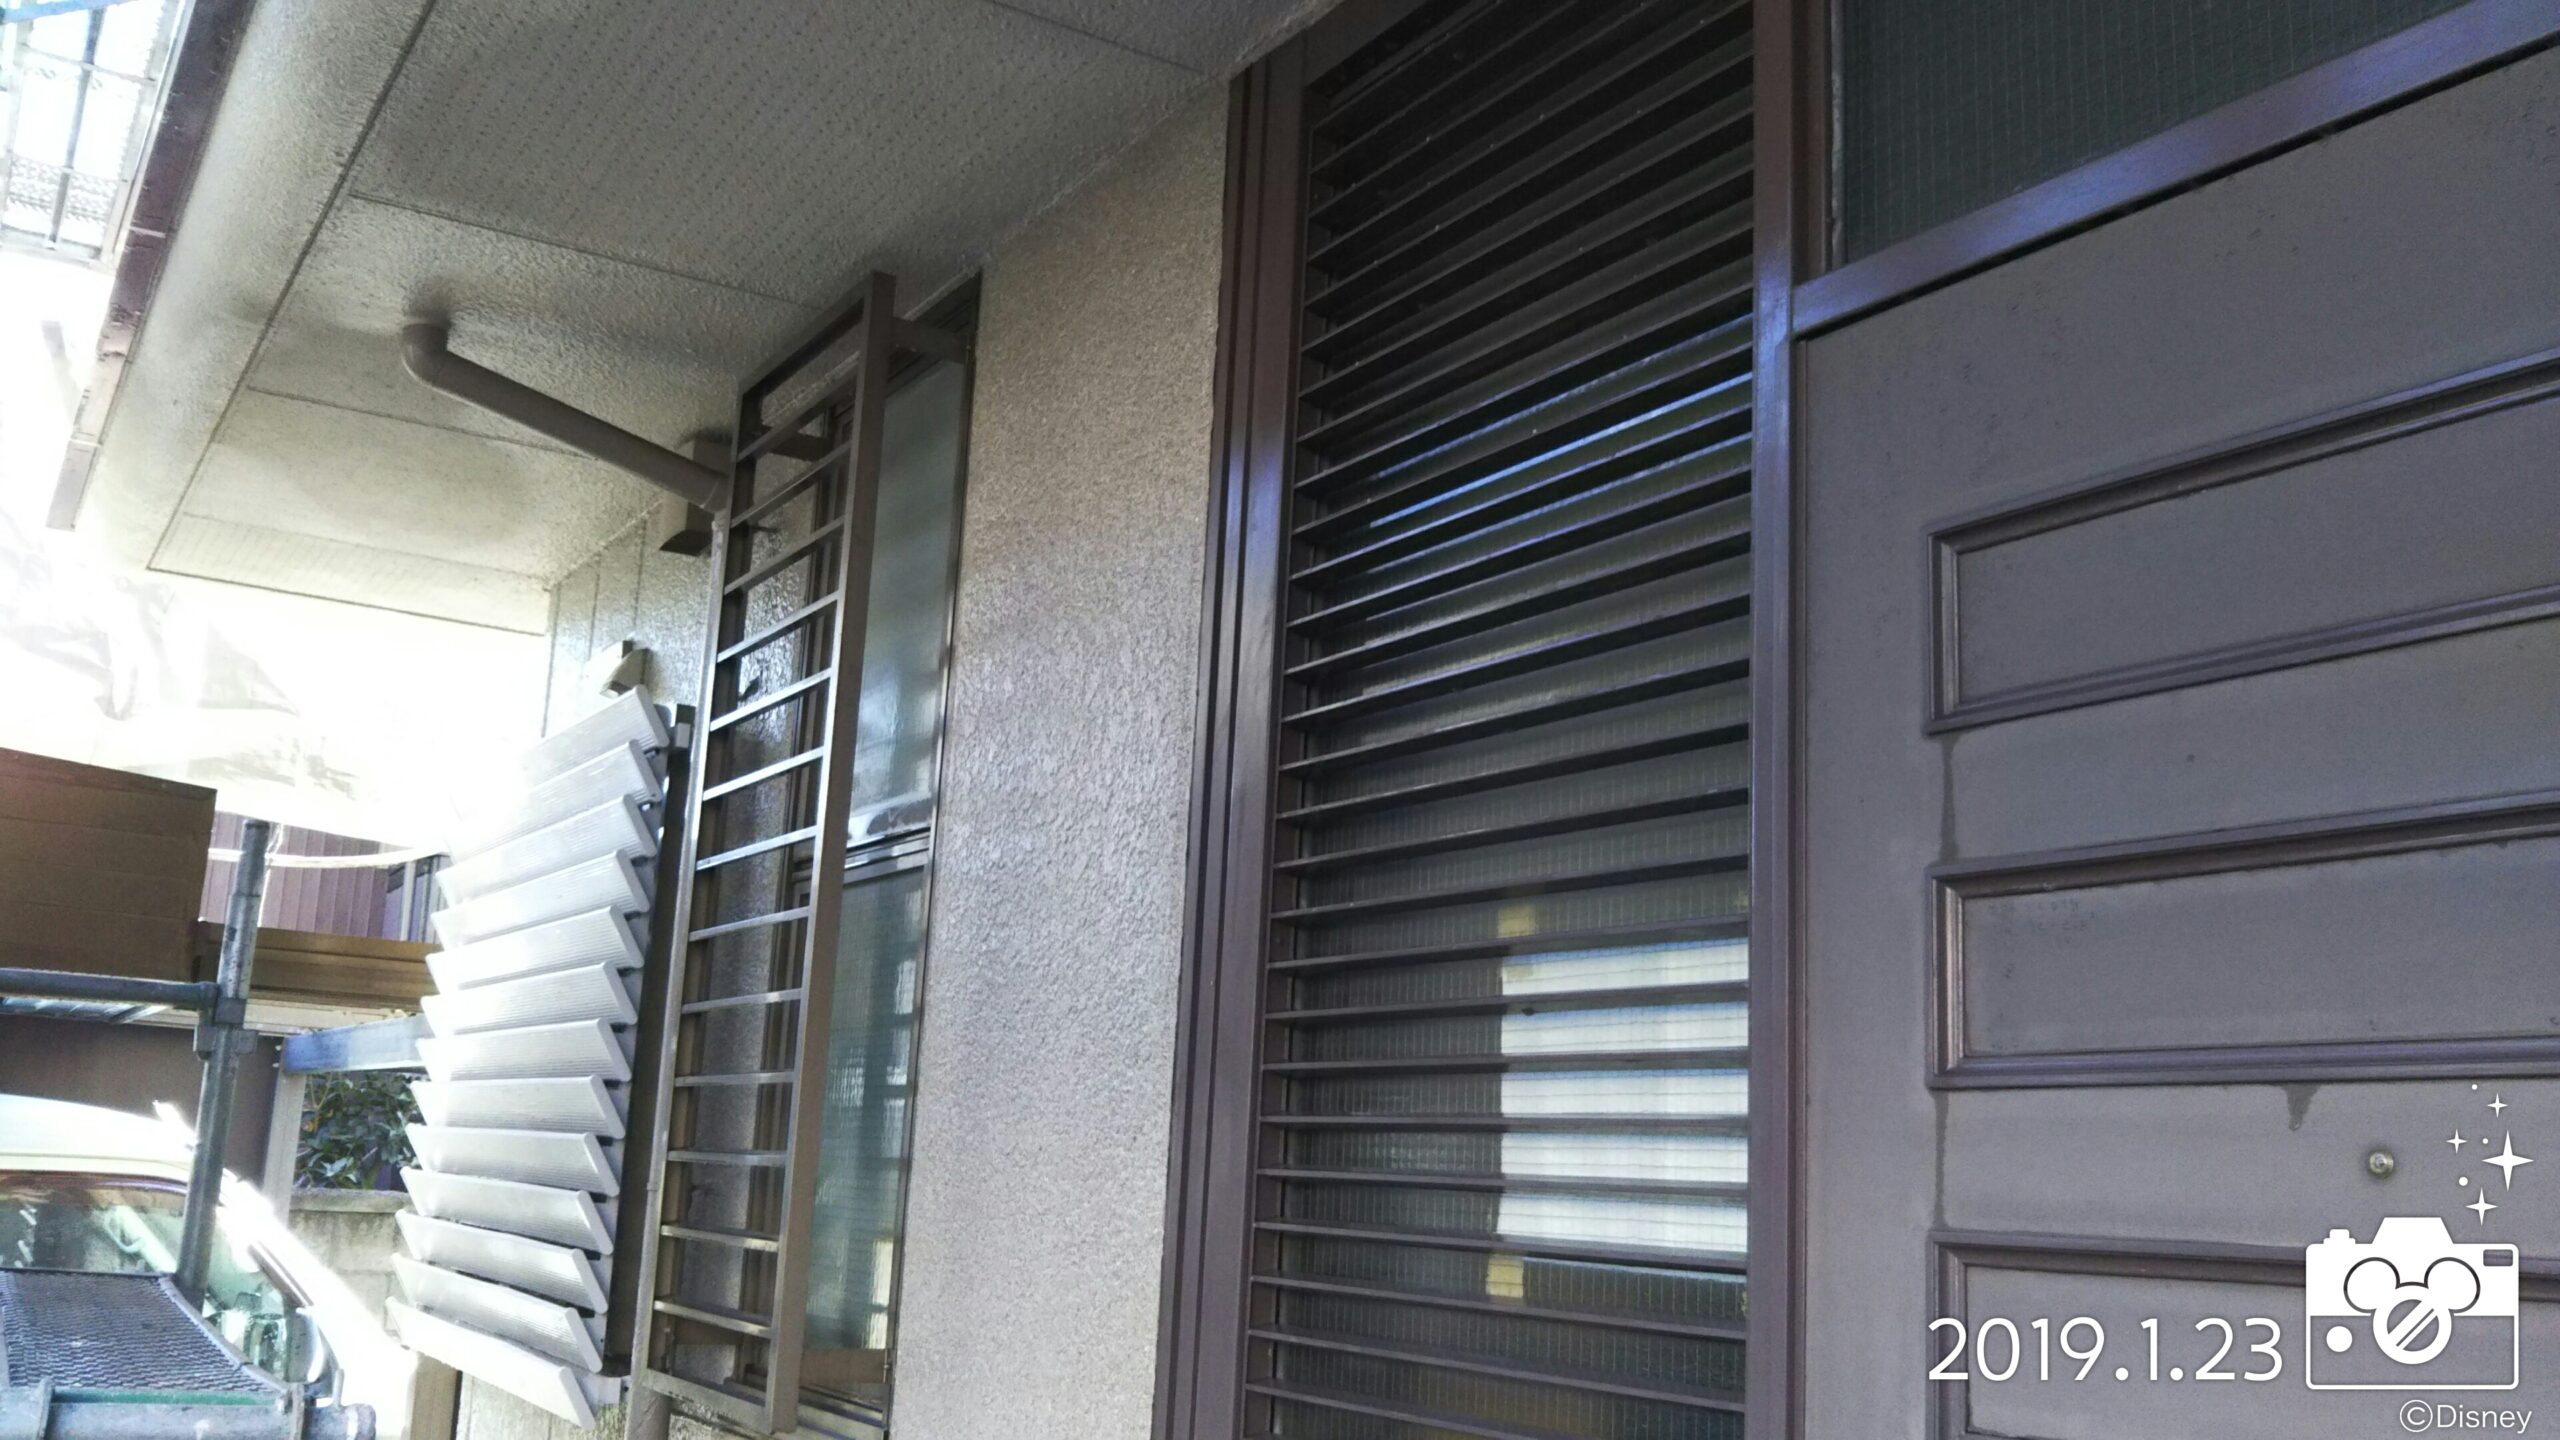 埼玉県さいたま市中央区のT様邸(木造2階建て)にて塗り替えリフォーム中 外壁の吹き付け塗装に伴う養生作業・目地コーキング|